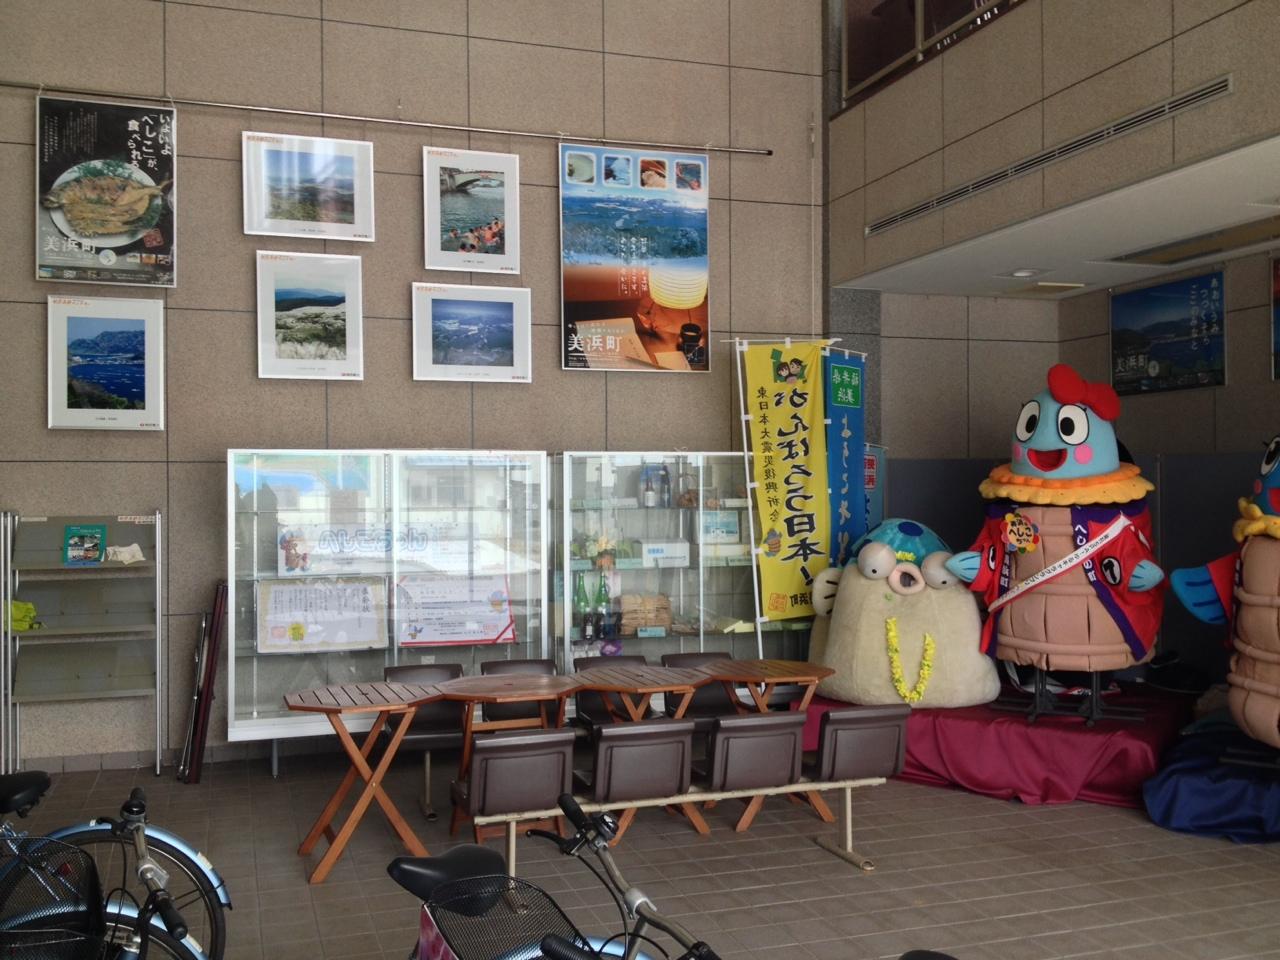 美浜駅の美浜町観光センター